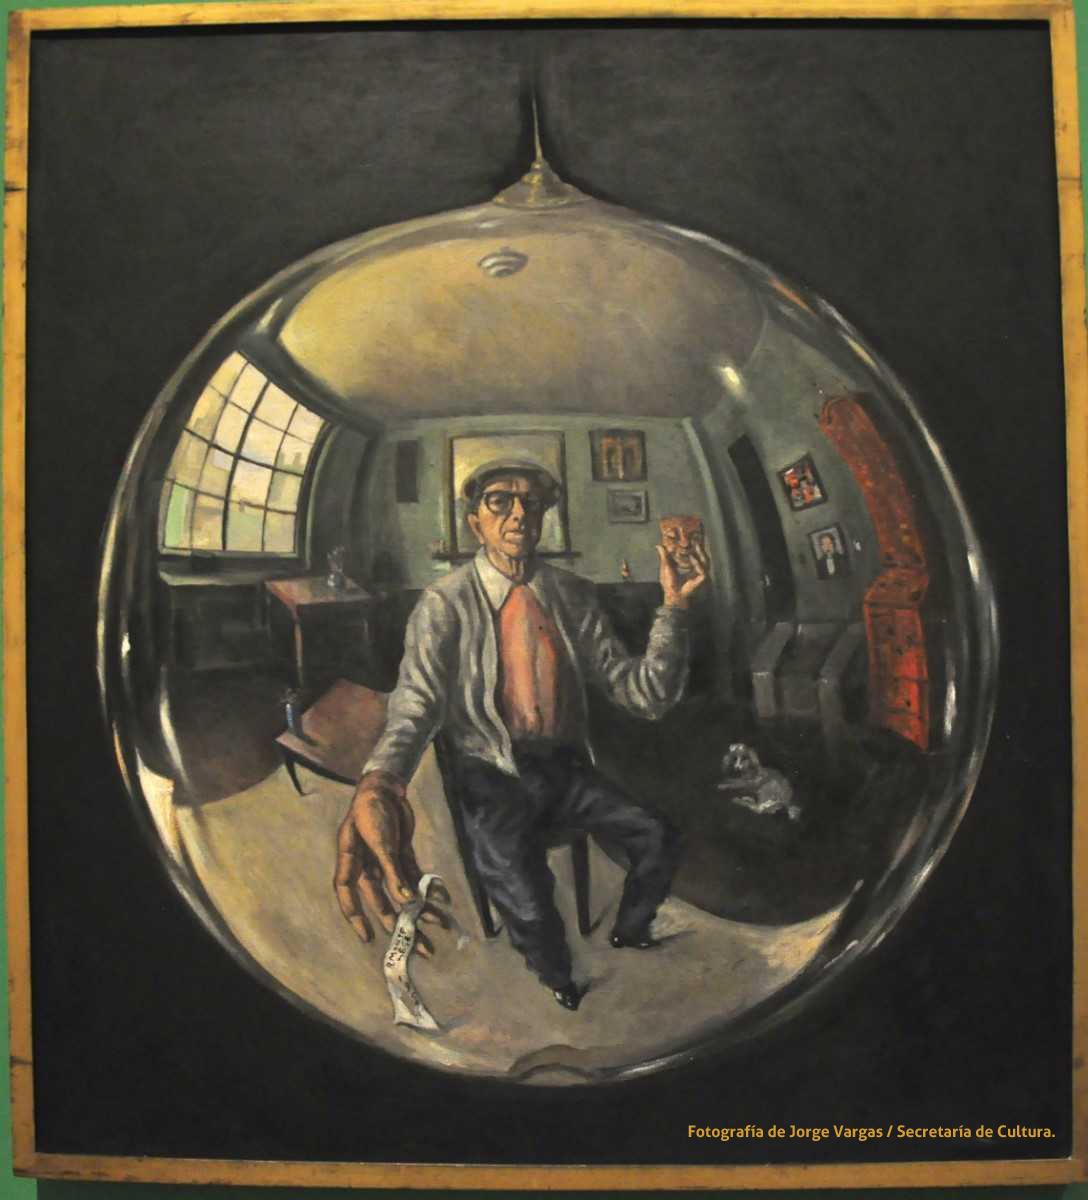 Roberto MONTENEGRO 1959 autoportrait dans une sphere